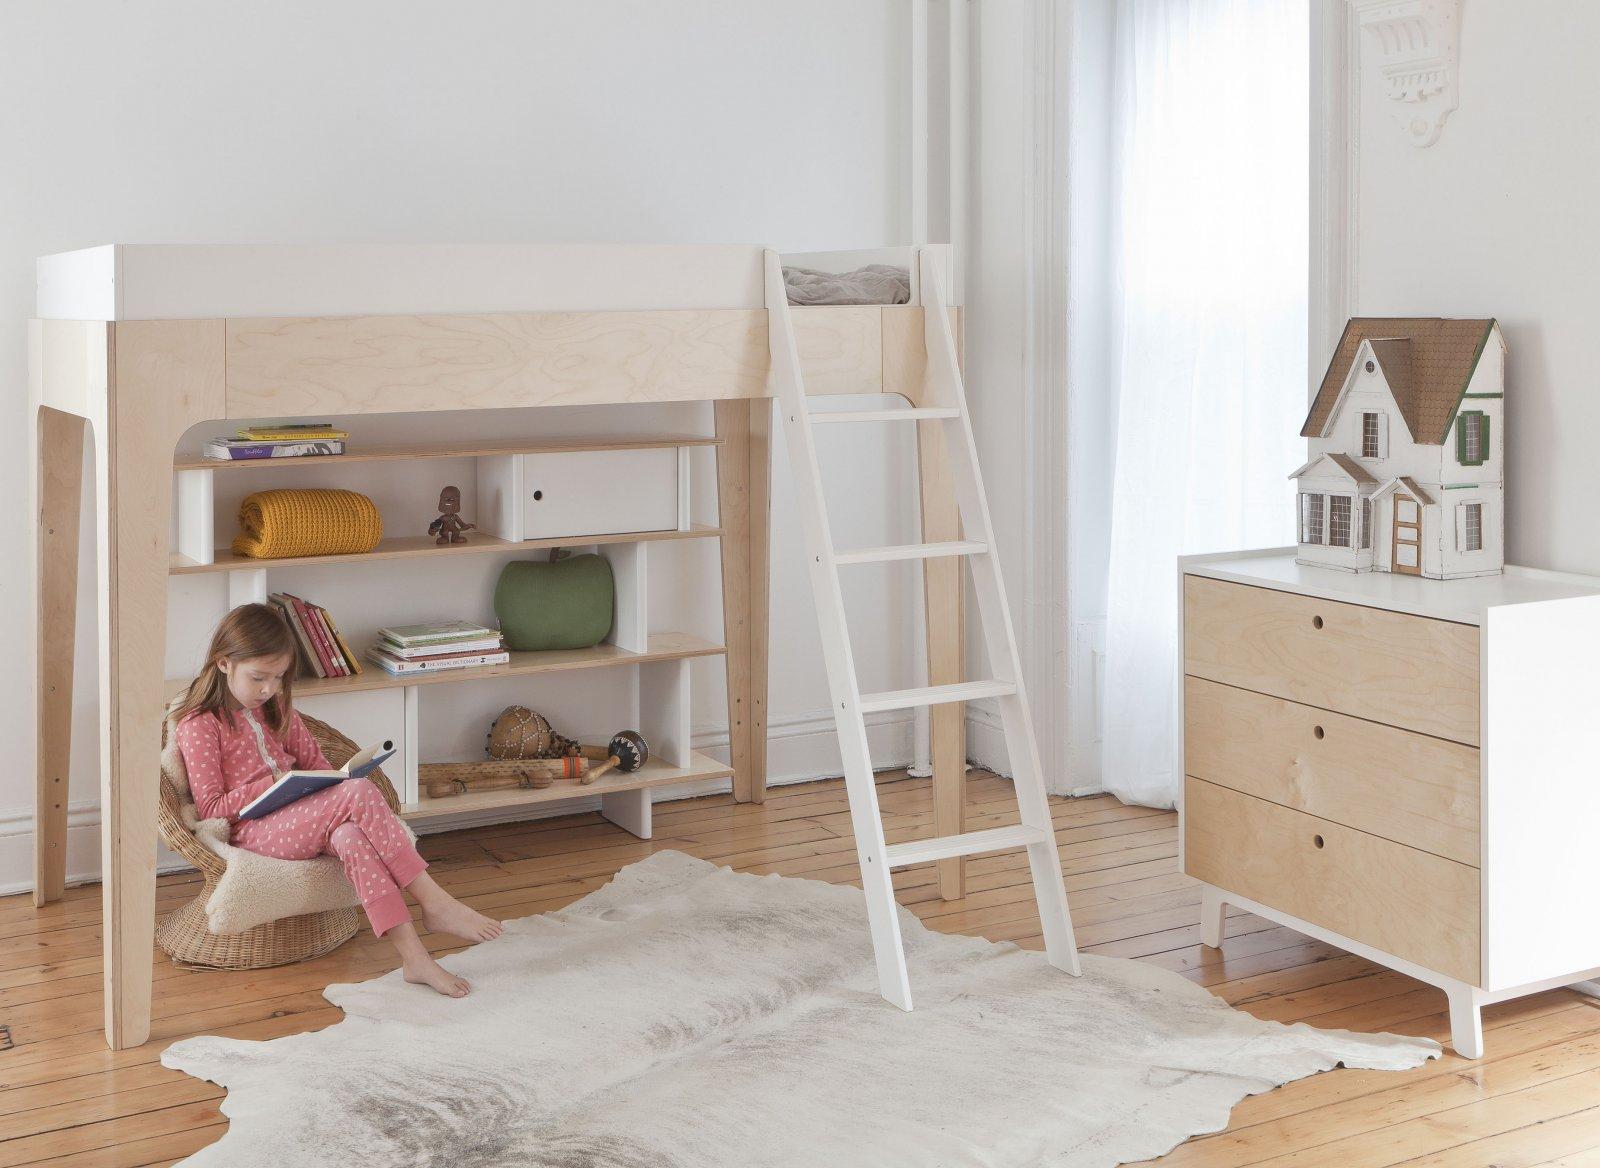 Originales camas para habitaciones infantiles - Habitaciones ninos originales ...